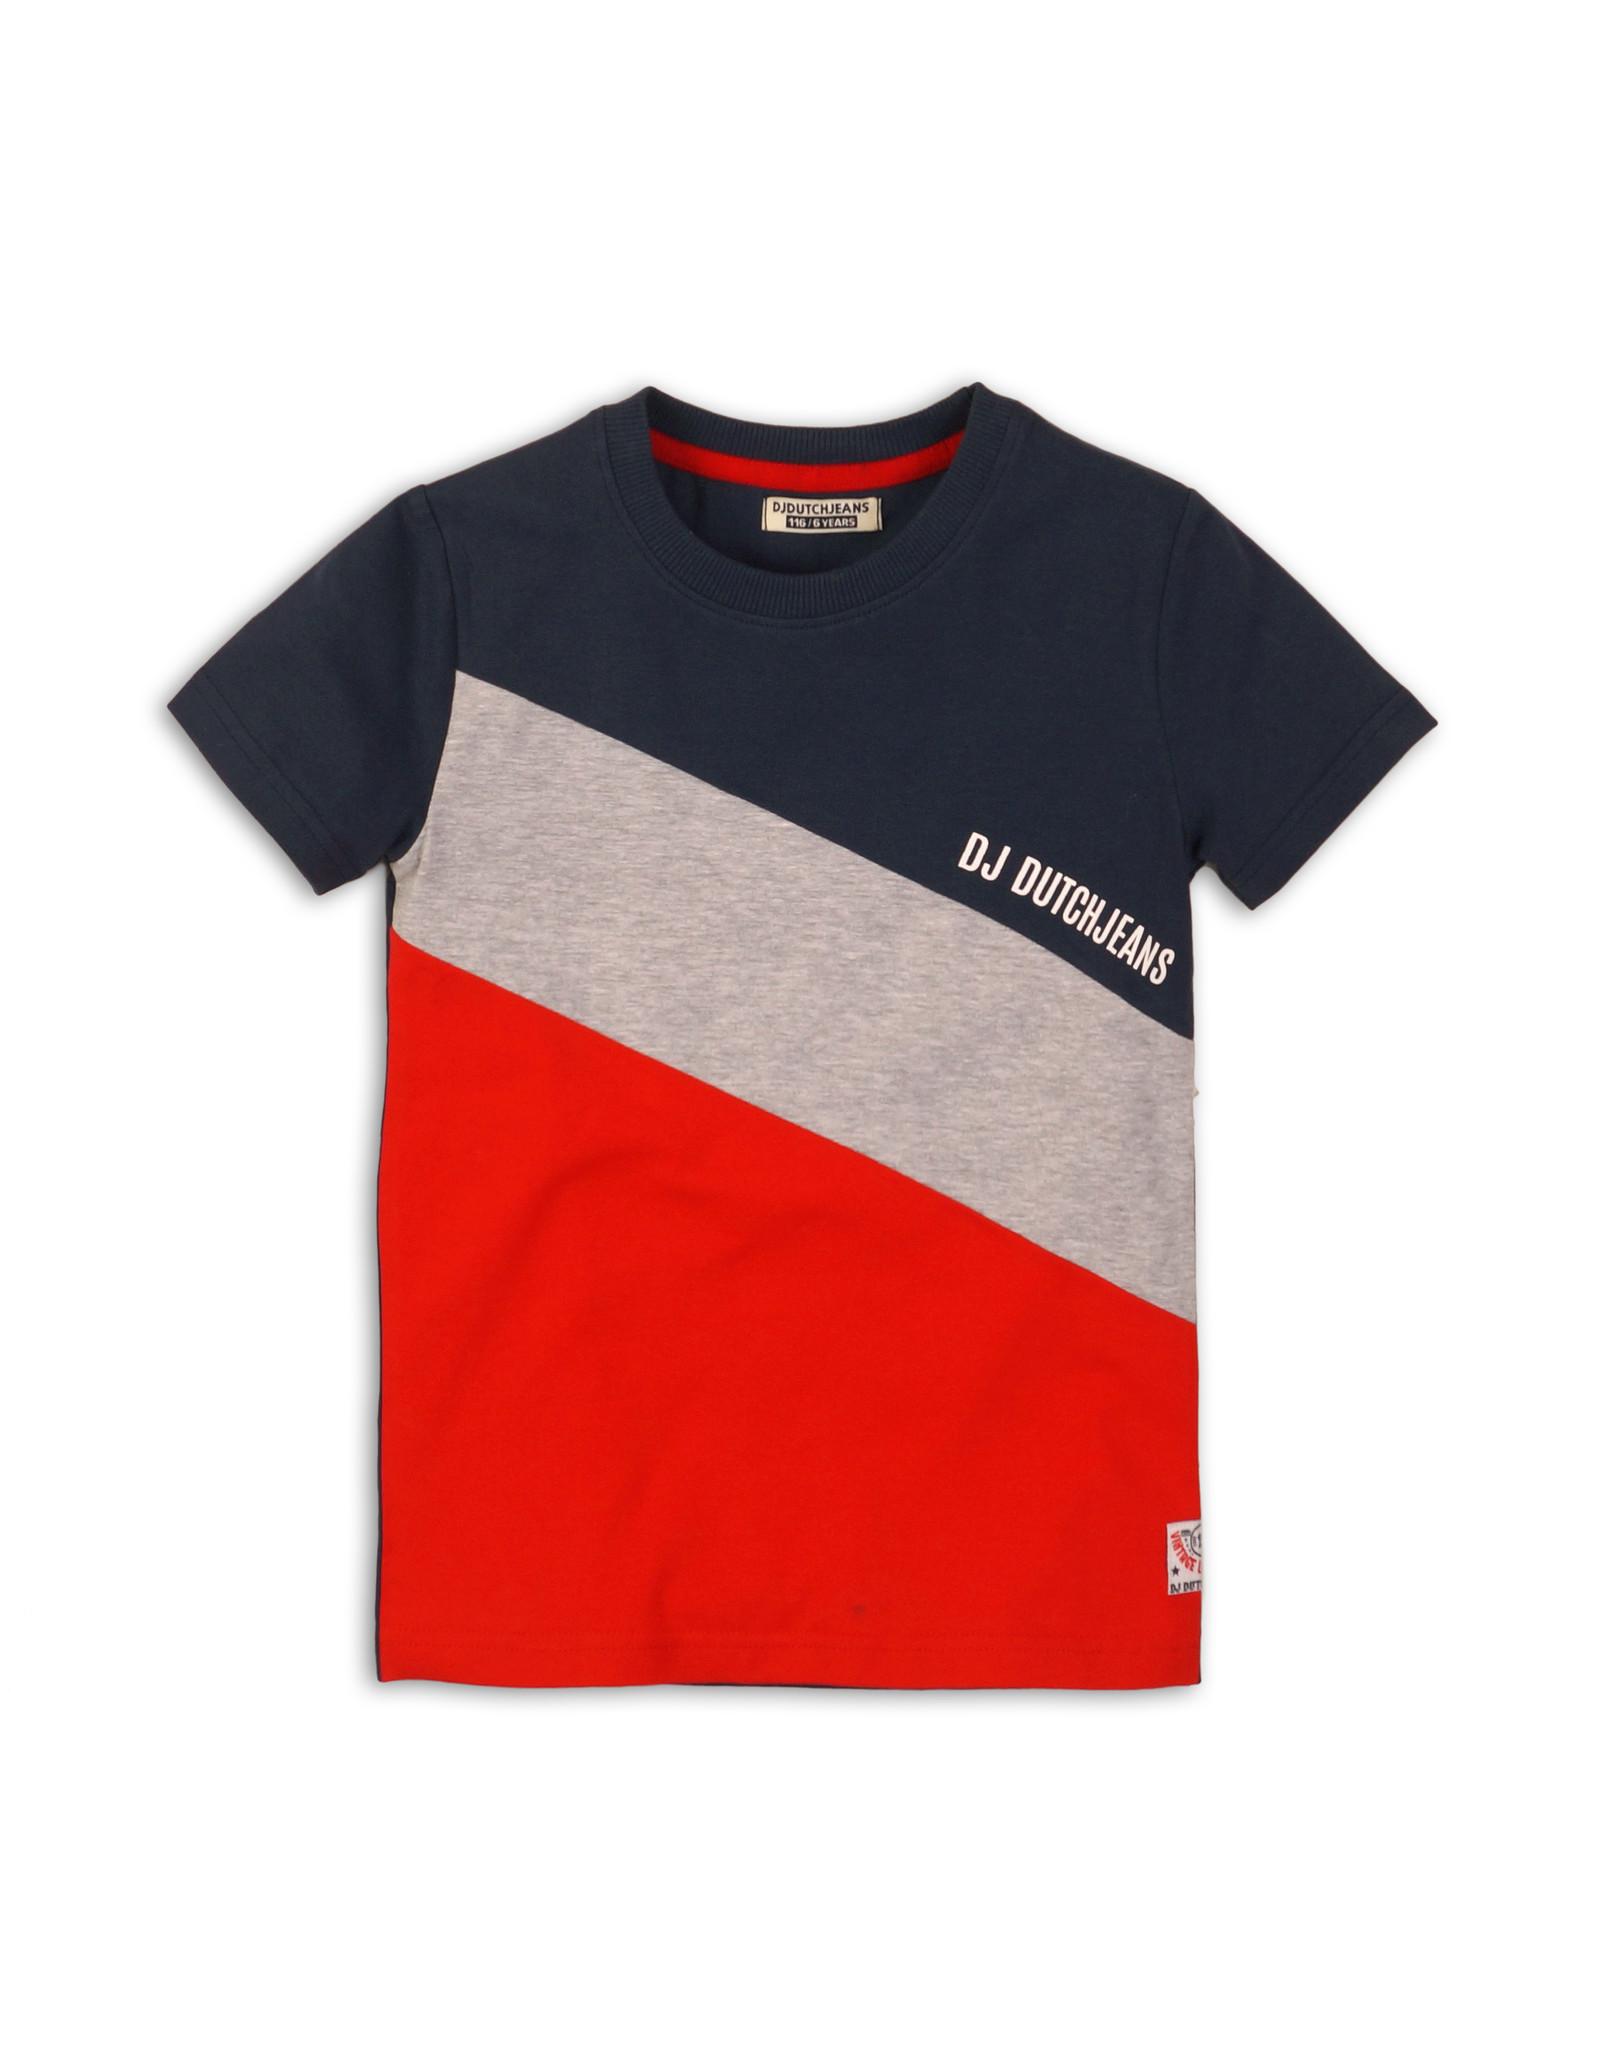 Dutch Jeans T-shirt, 45C-34101